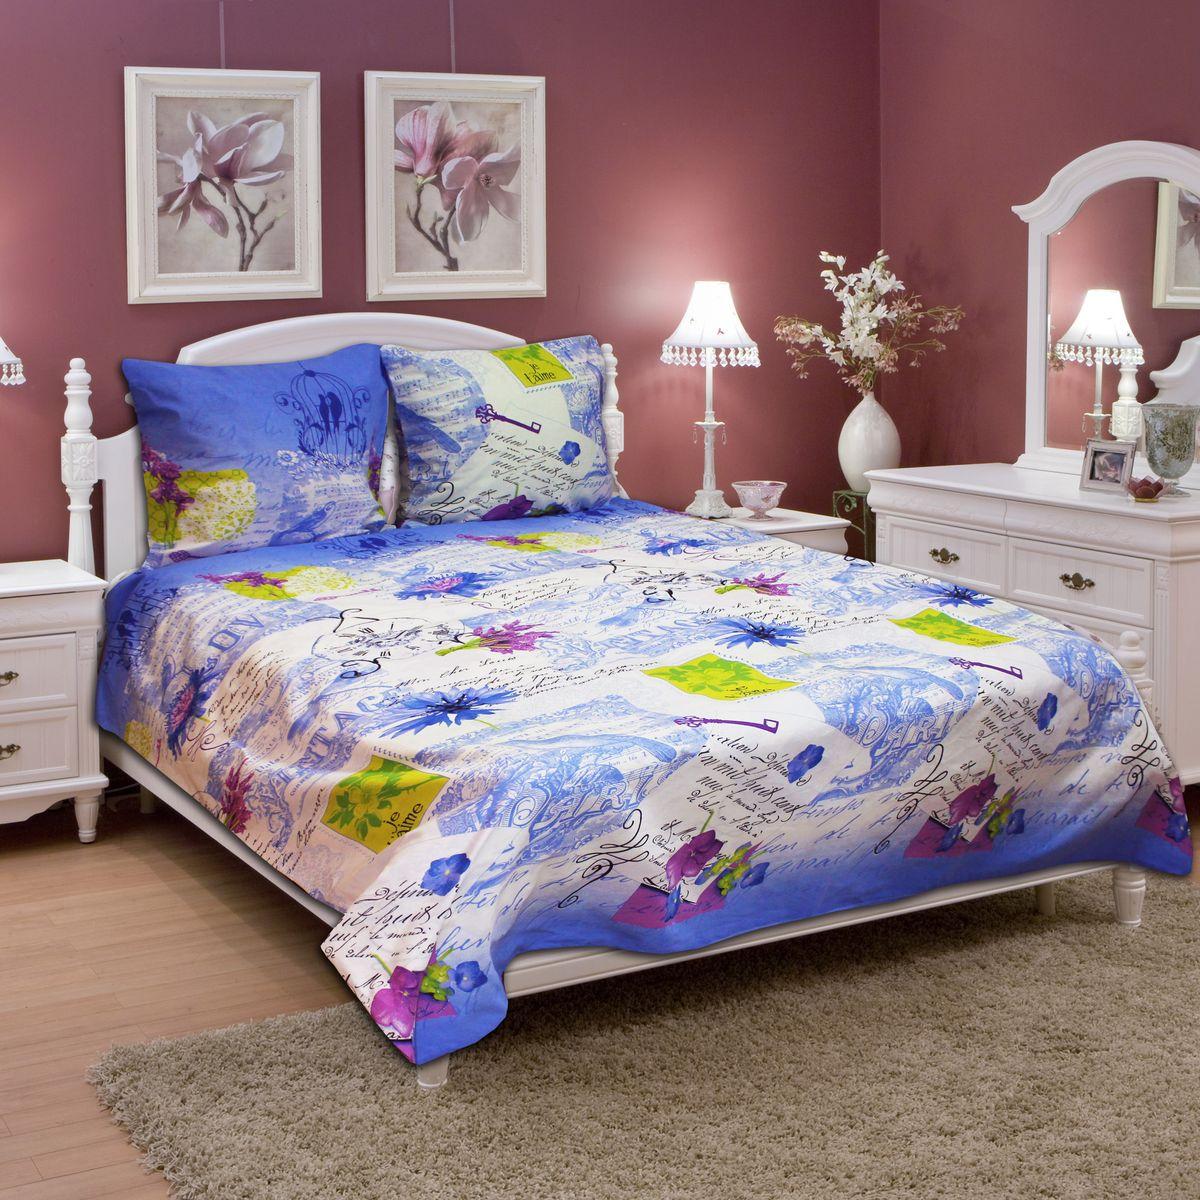 Комплект белья Amore Mio Flower BL, евро, наволочки 70х704630003364517Комплект постельного белья Amore Mio является экологически безопасным для всей семьи, так как выполнен из бязи (100% хлопок). Комплект состоит из пододеяльника, простыни и двух наволочек. Постельное белье оформлено оригинальным рисунком и имеет изысканный внешний вид.Легкая, плотная, мягкая ткань отлично стирается, гладится, быстро сохнет. Рекомендации по уходу: Химчистка и отбеливание запрещены.Рекомендуется стирка в прохладной воде при температуре не выше 30°С.